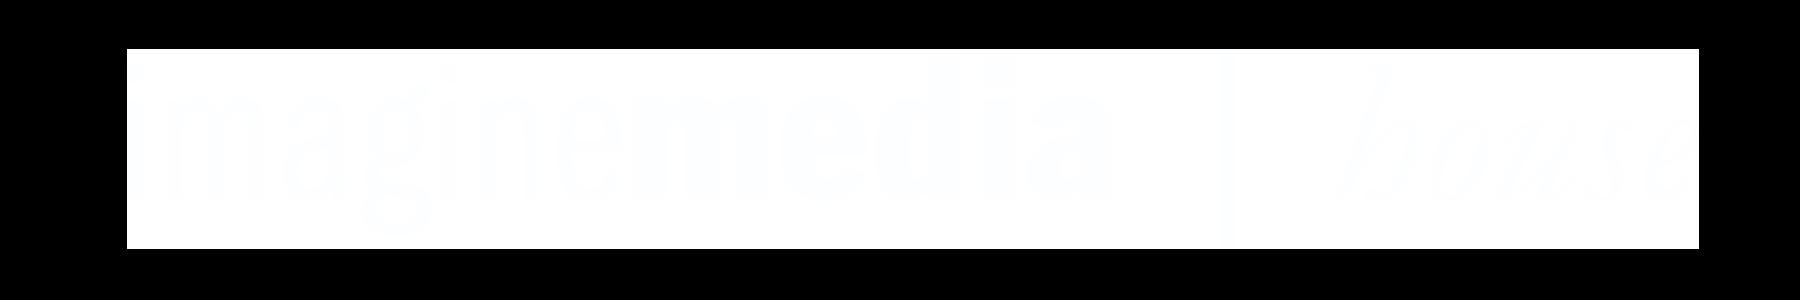 Imagine Media House